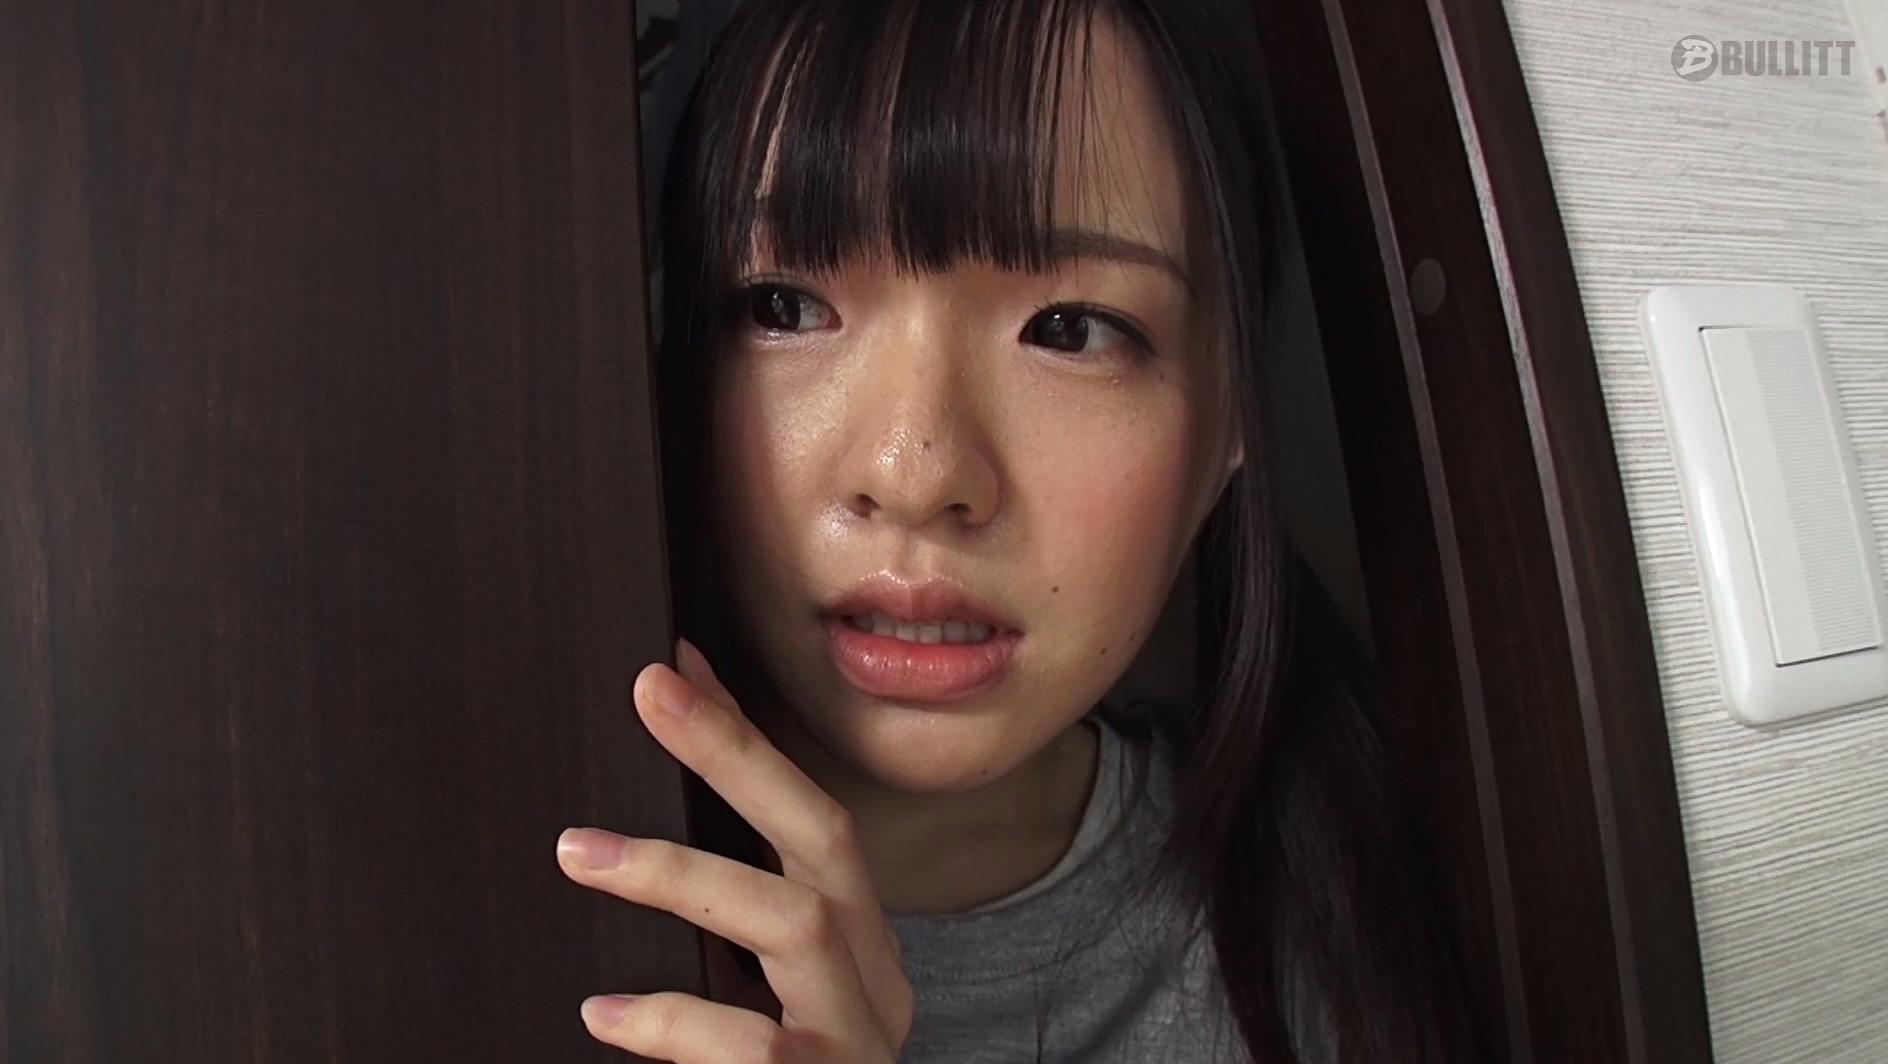 sokmil.com 脱いでるいもうと こっそり姉の部屋を物色していたら彼氏を連れて帰ってきた姉 出るに出られずクローゼットに隠れていたら、決して見てはいけない姉のフェラを見てしまった妹 は発情!